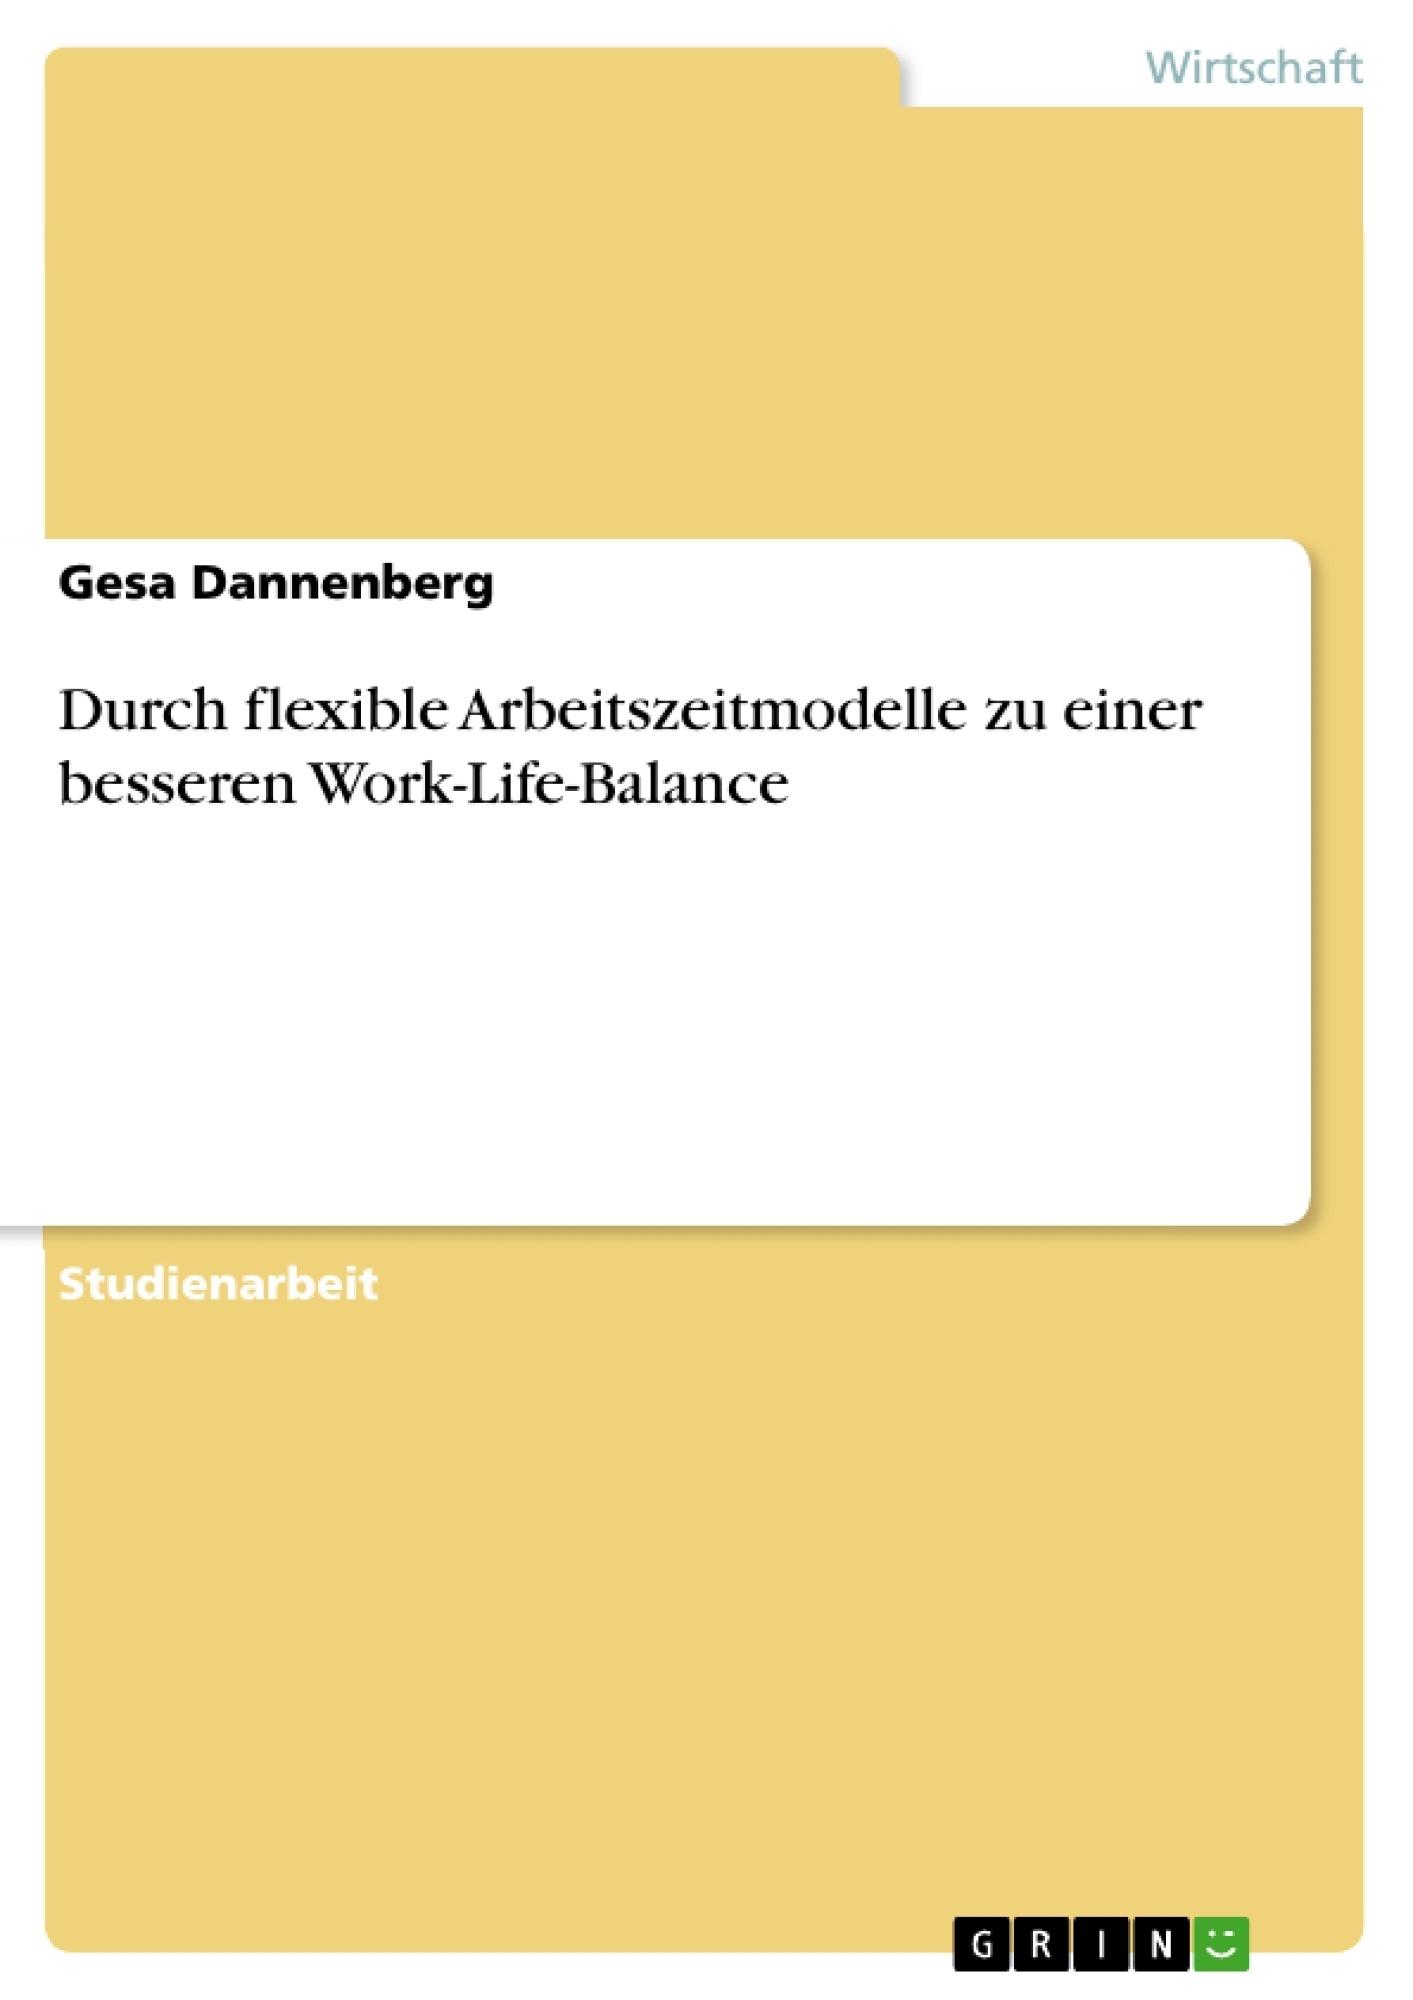 Titel: Durch flexible Arbeitszeitmodelle zu einer besseren Work-Life-Balance